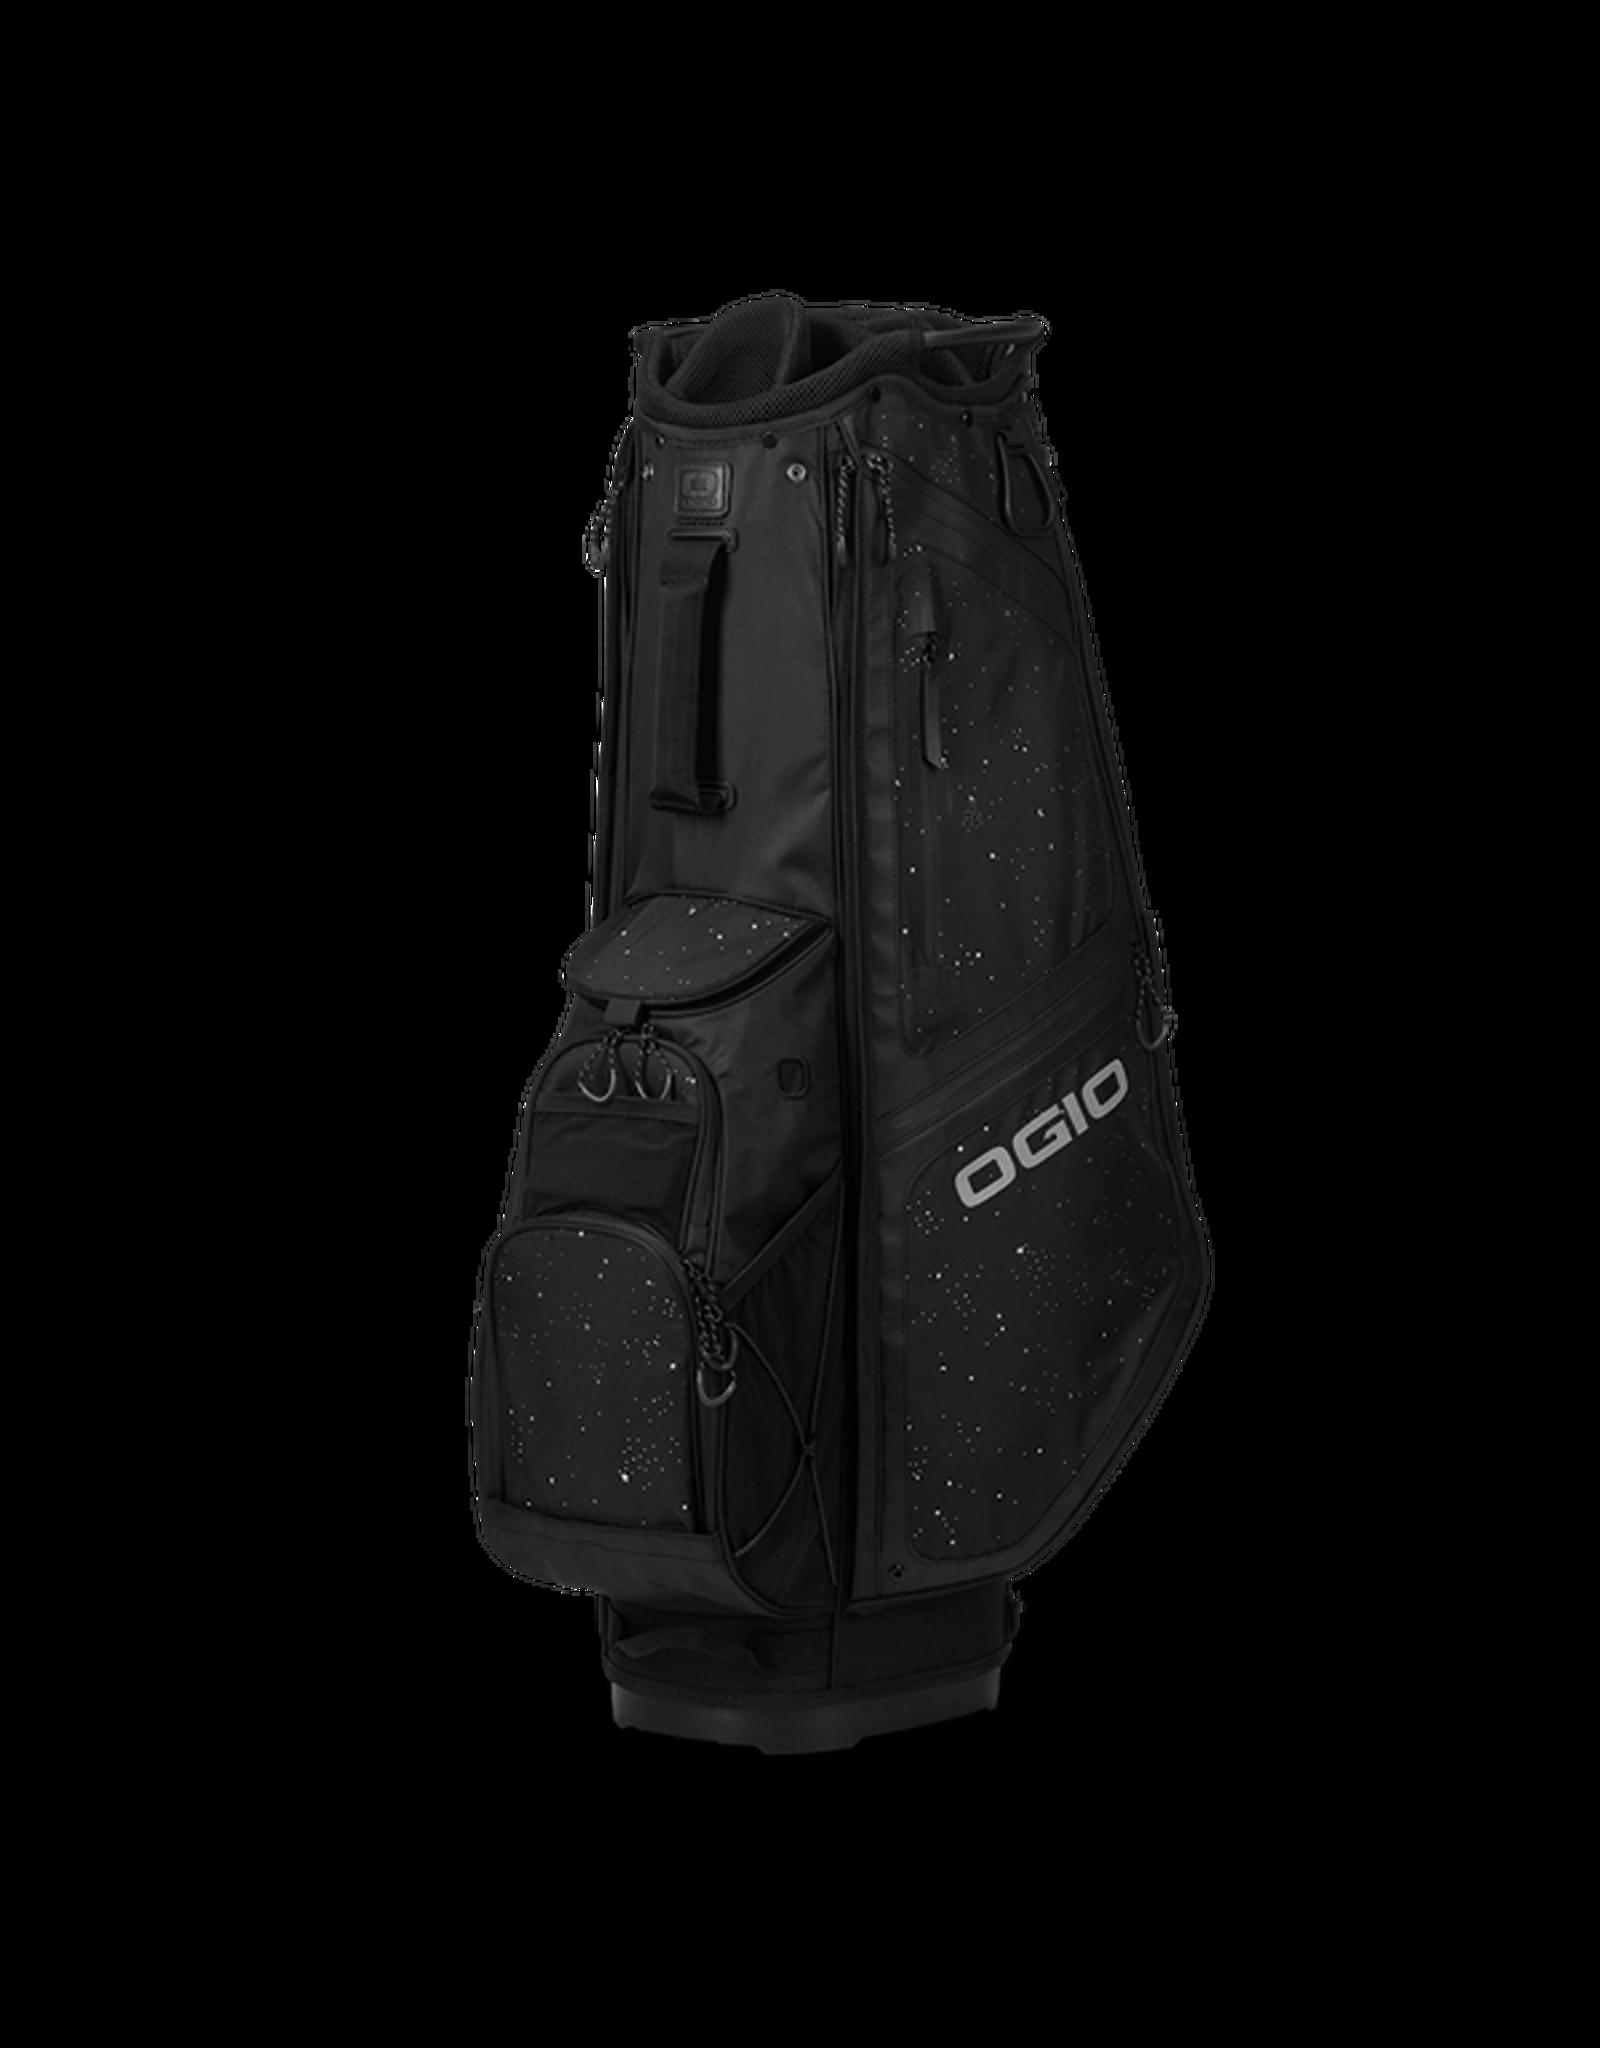 Ogio Ogio Ladies XIX Cart Bags